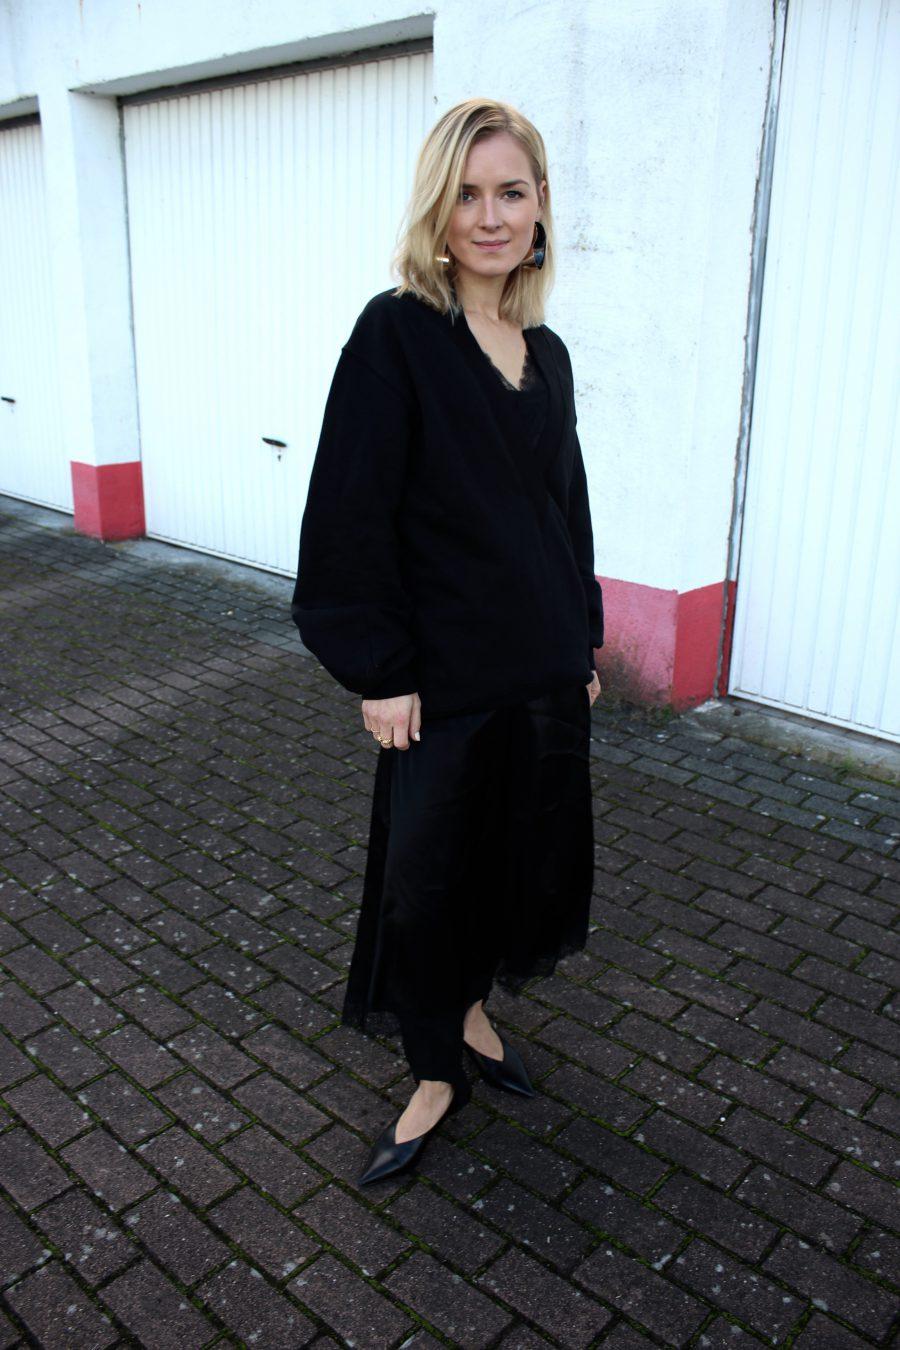 schwarzes kleid mit spitze H&M